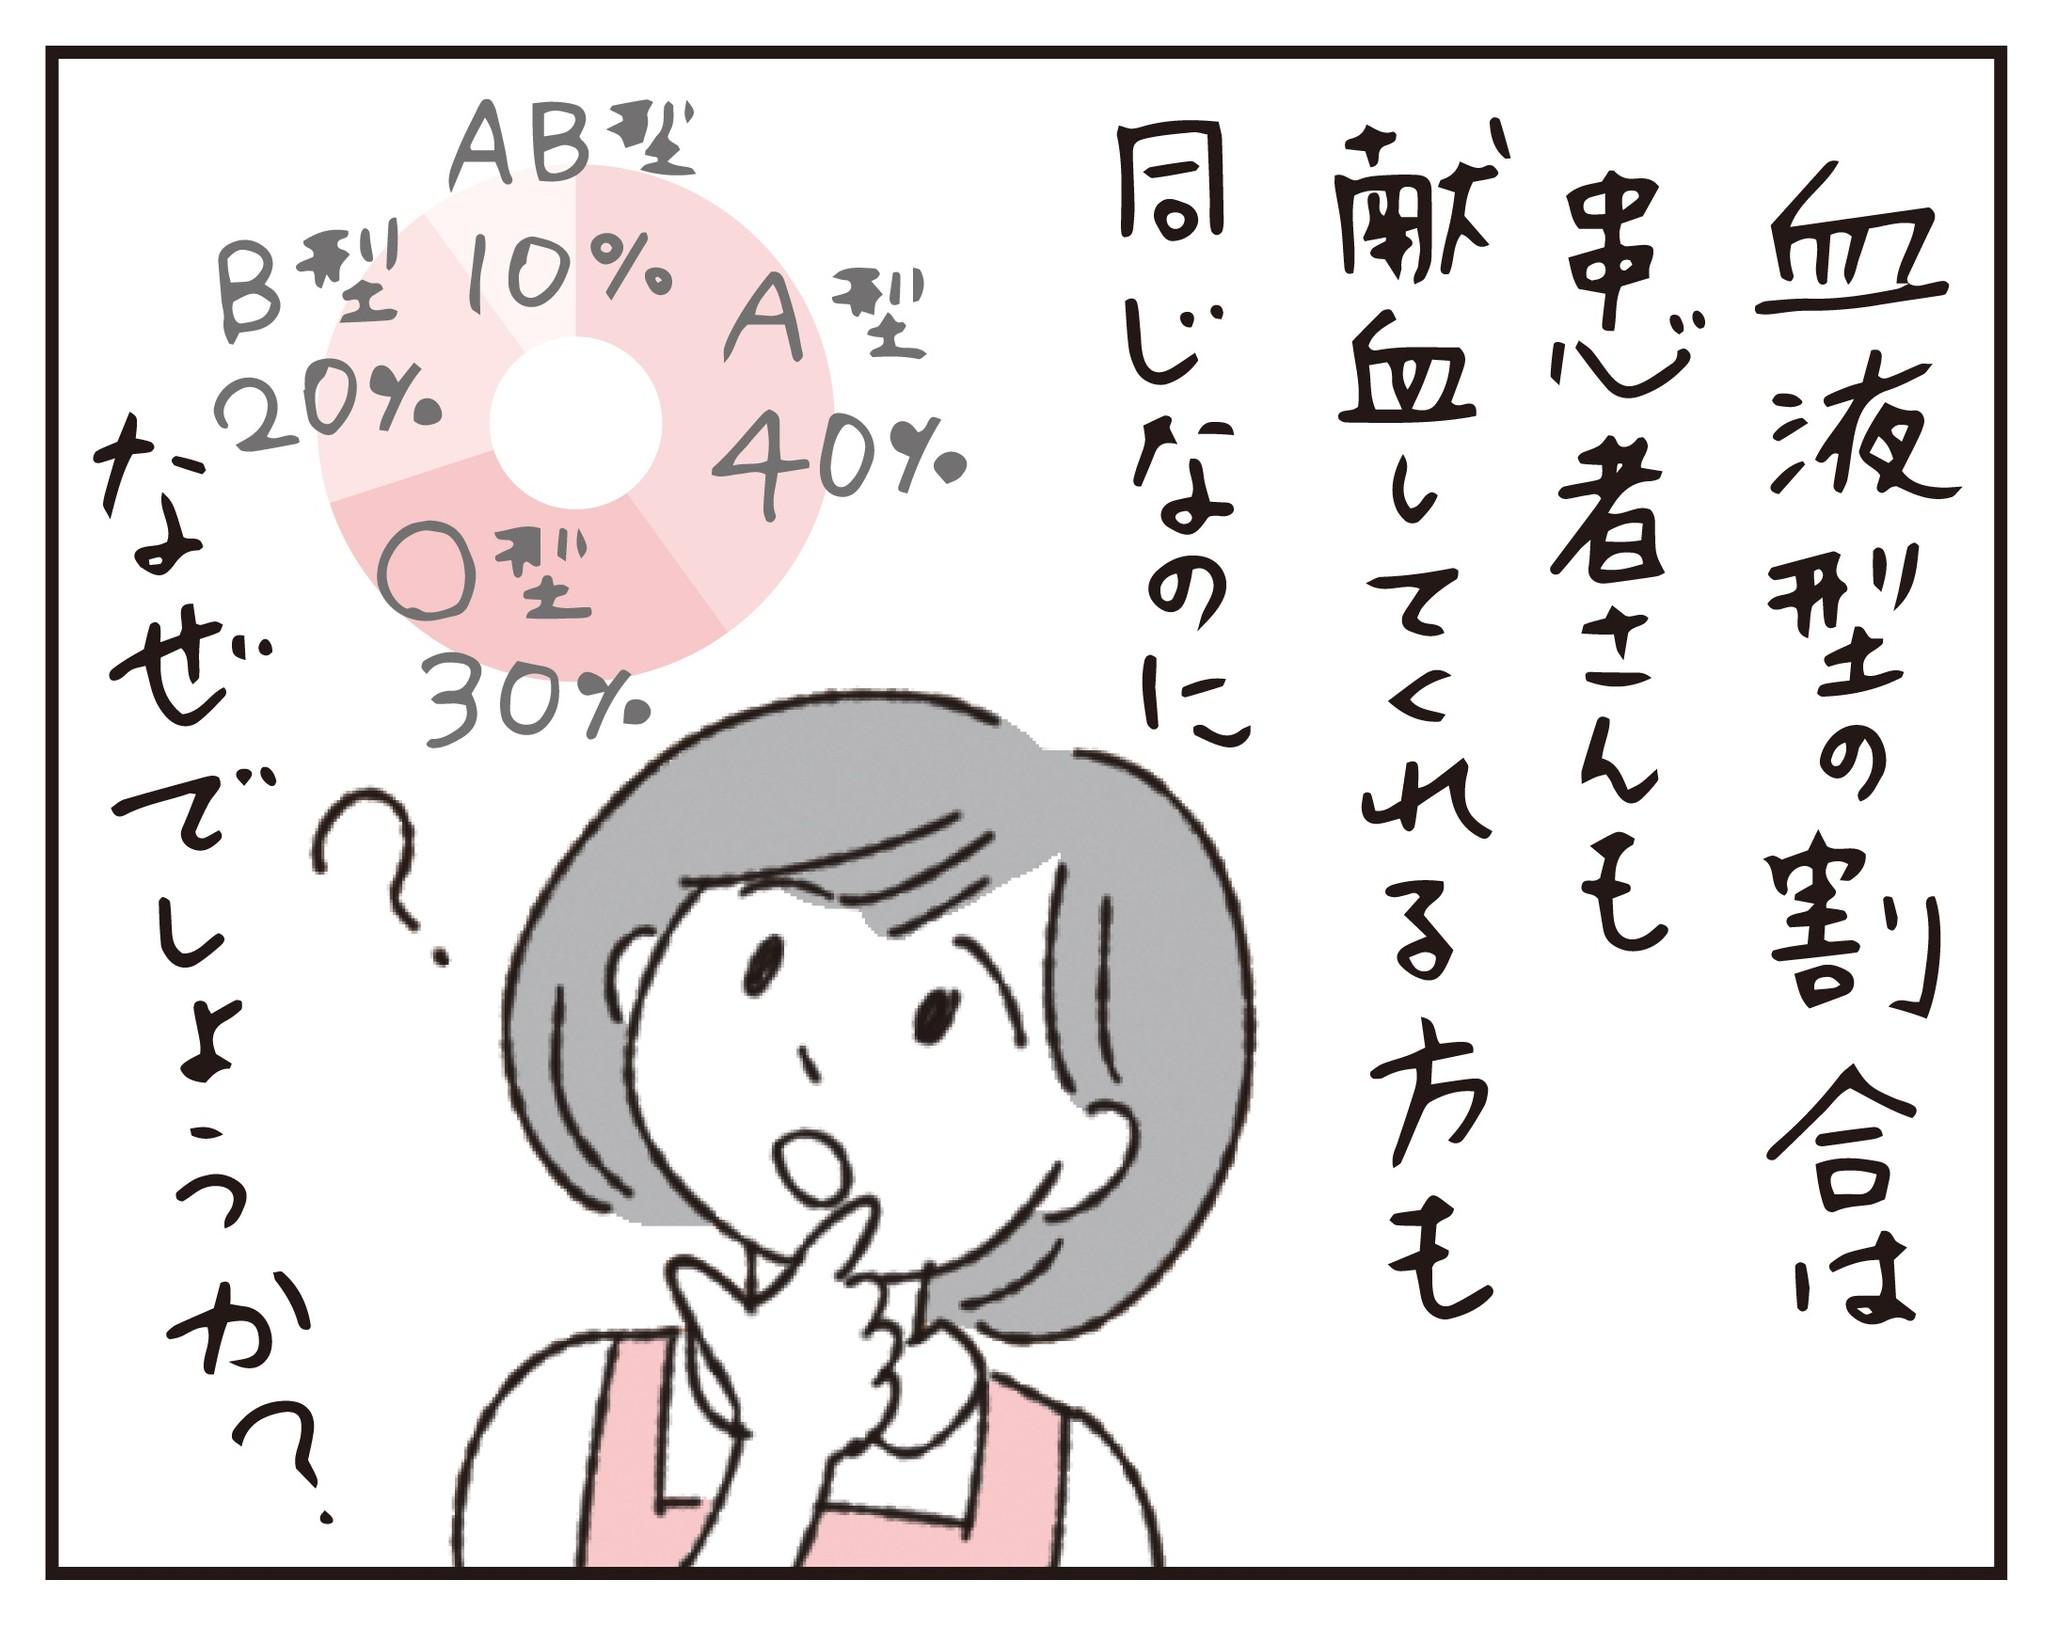 O 型 から ab 型